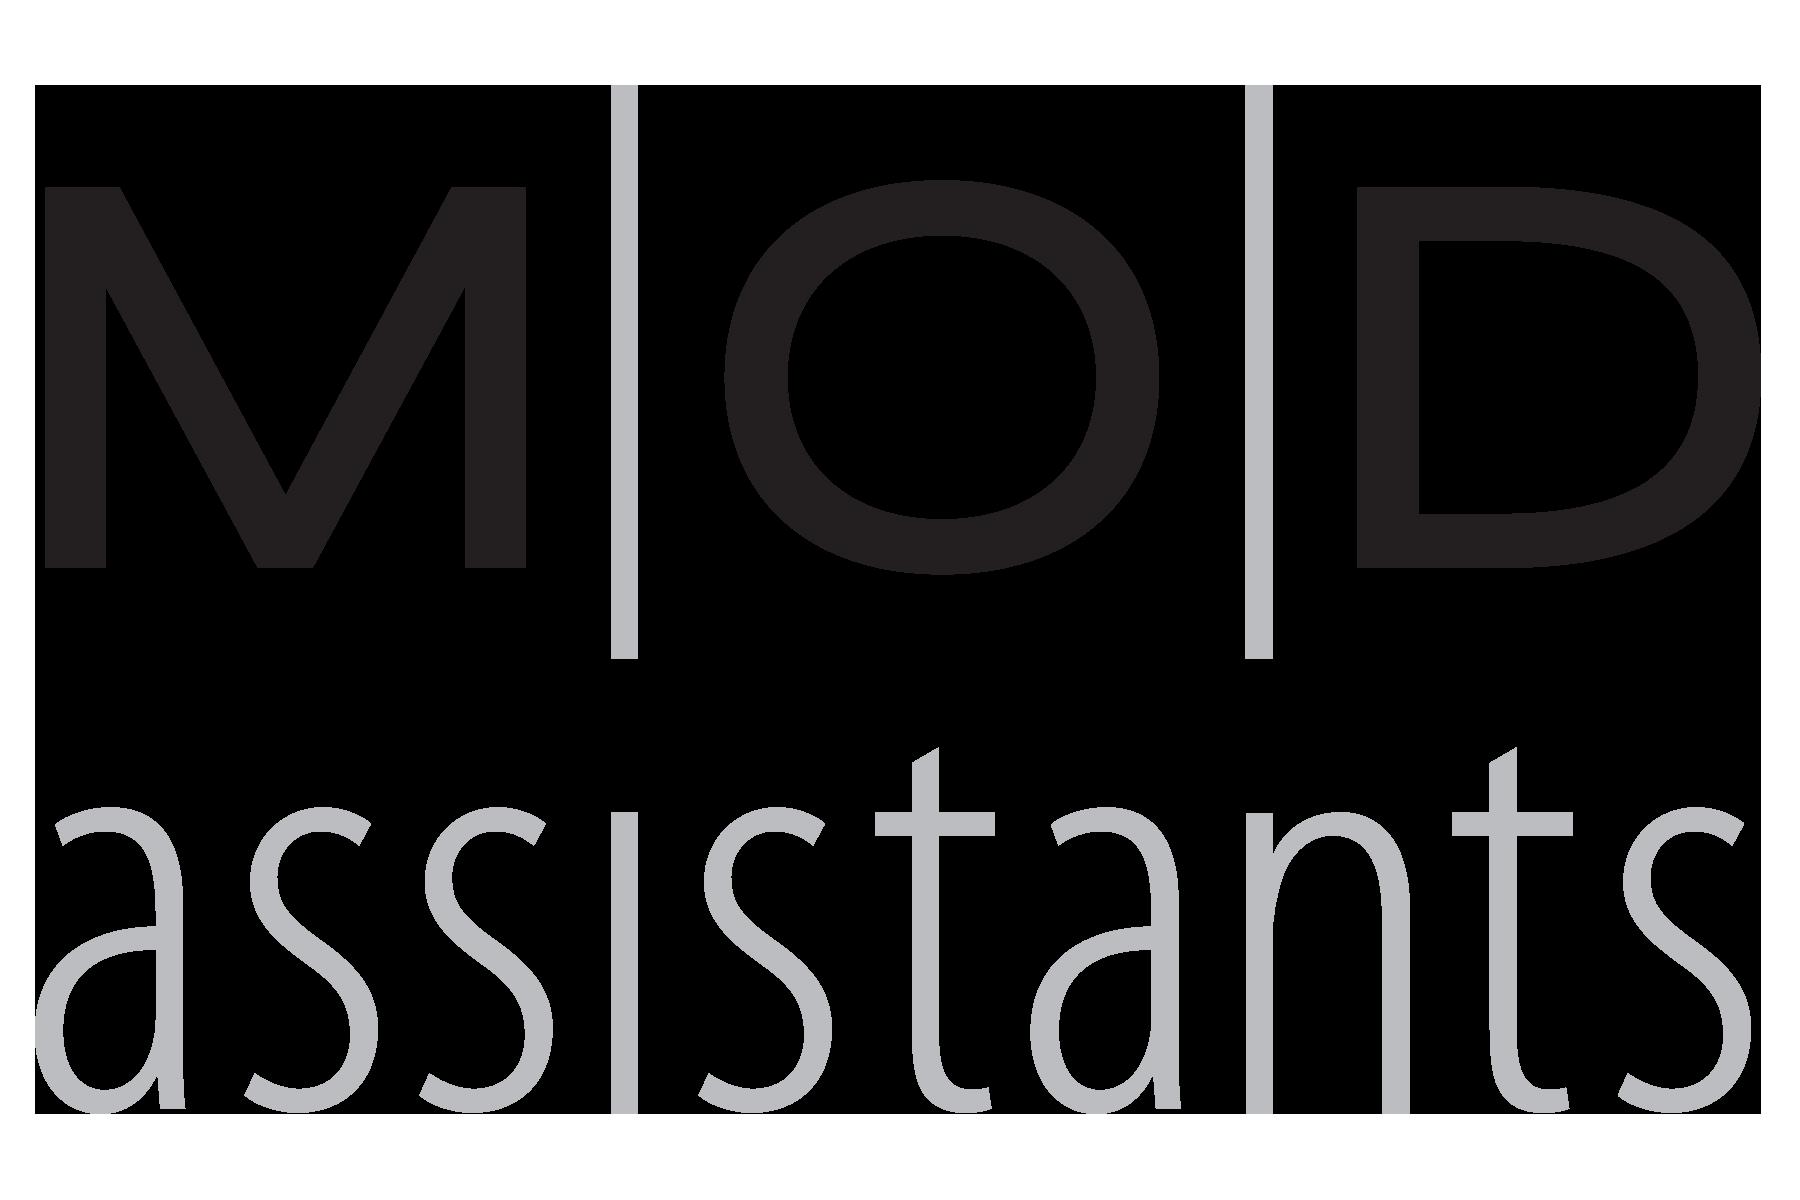 mod assistants branding